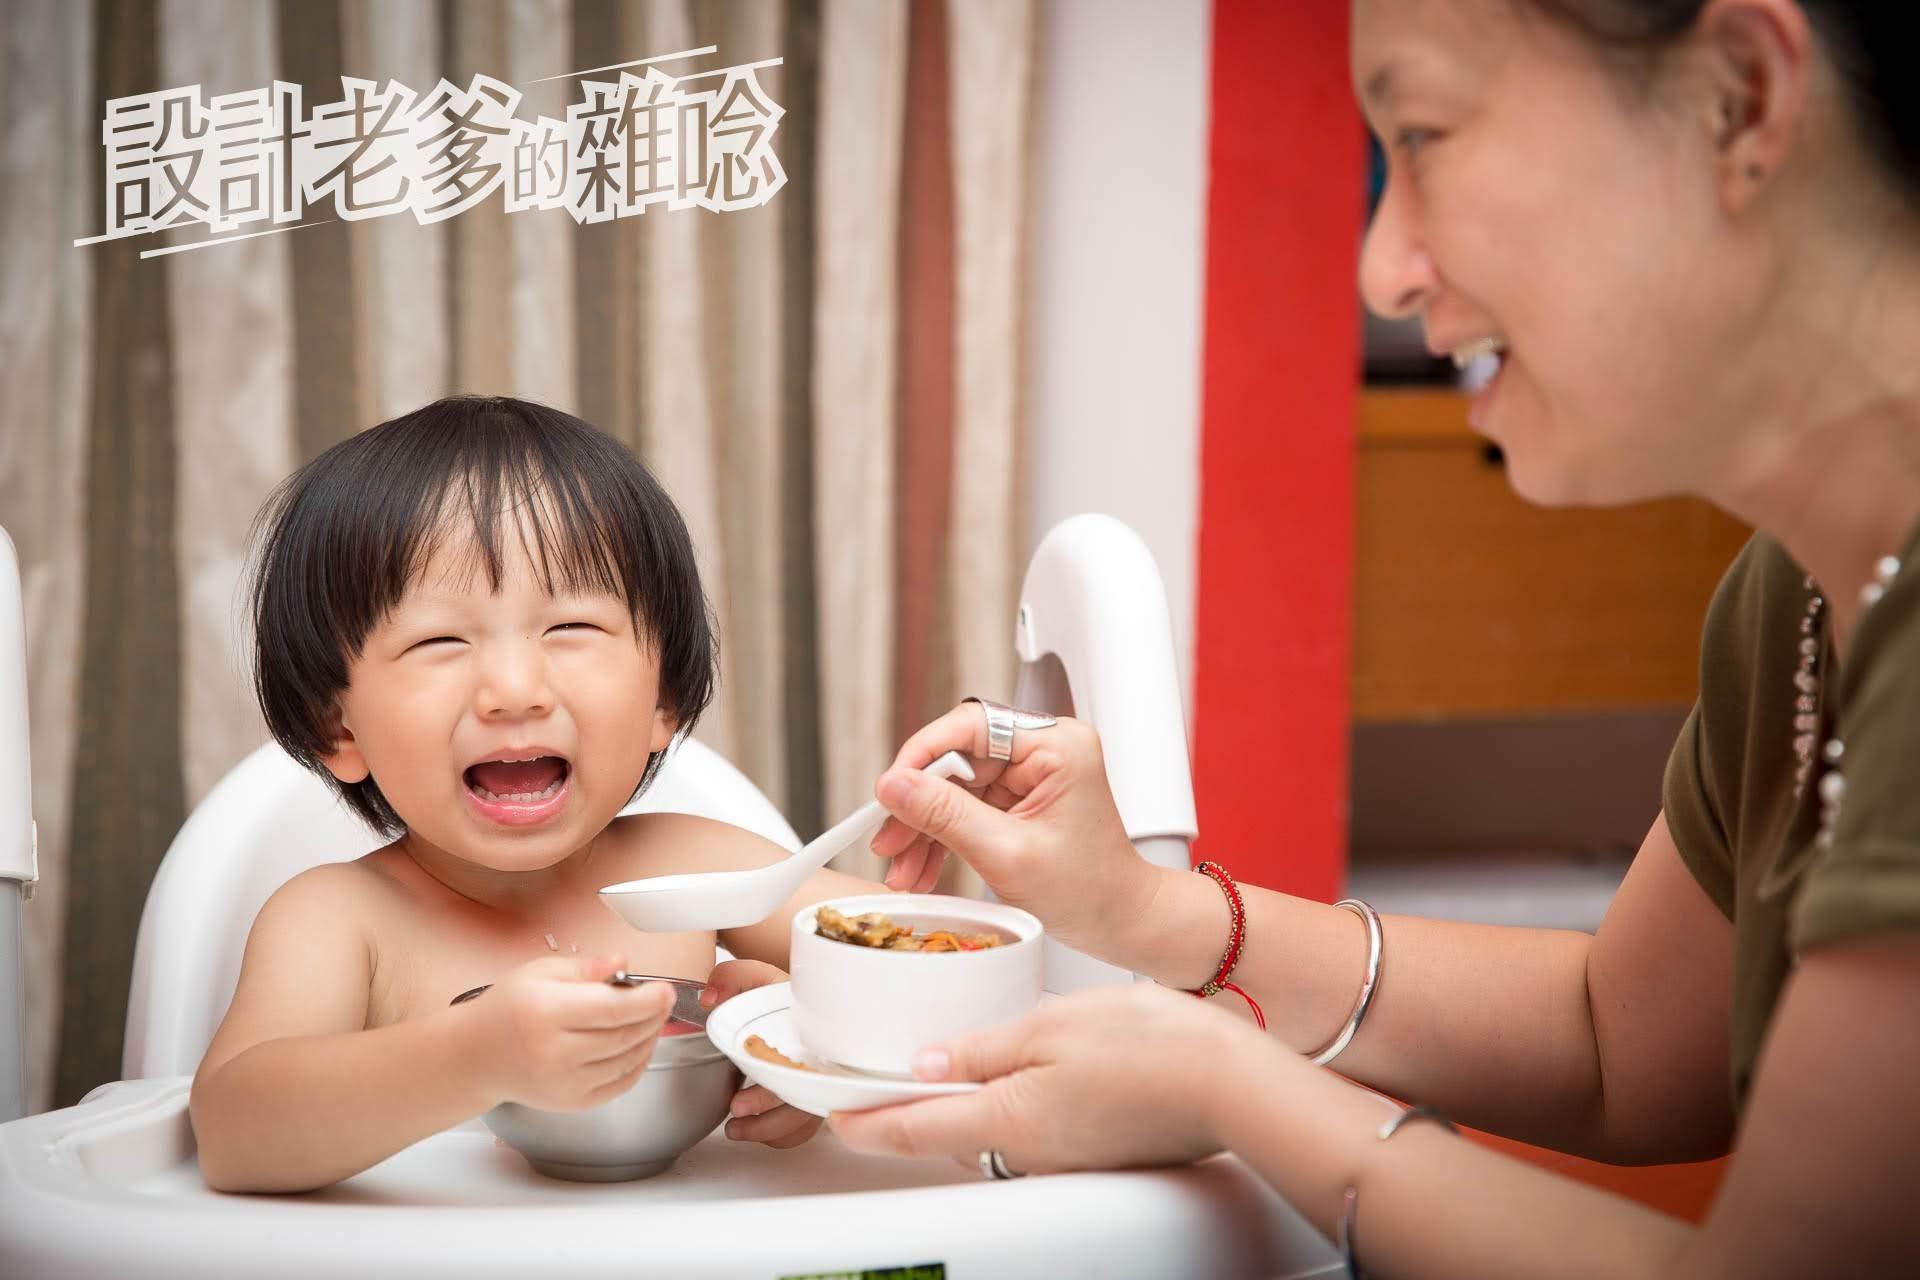 御湯屋 蒜頭枸杞燉雞、何首烏燉雞...喝個養身湯不再需要大費周章喔!